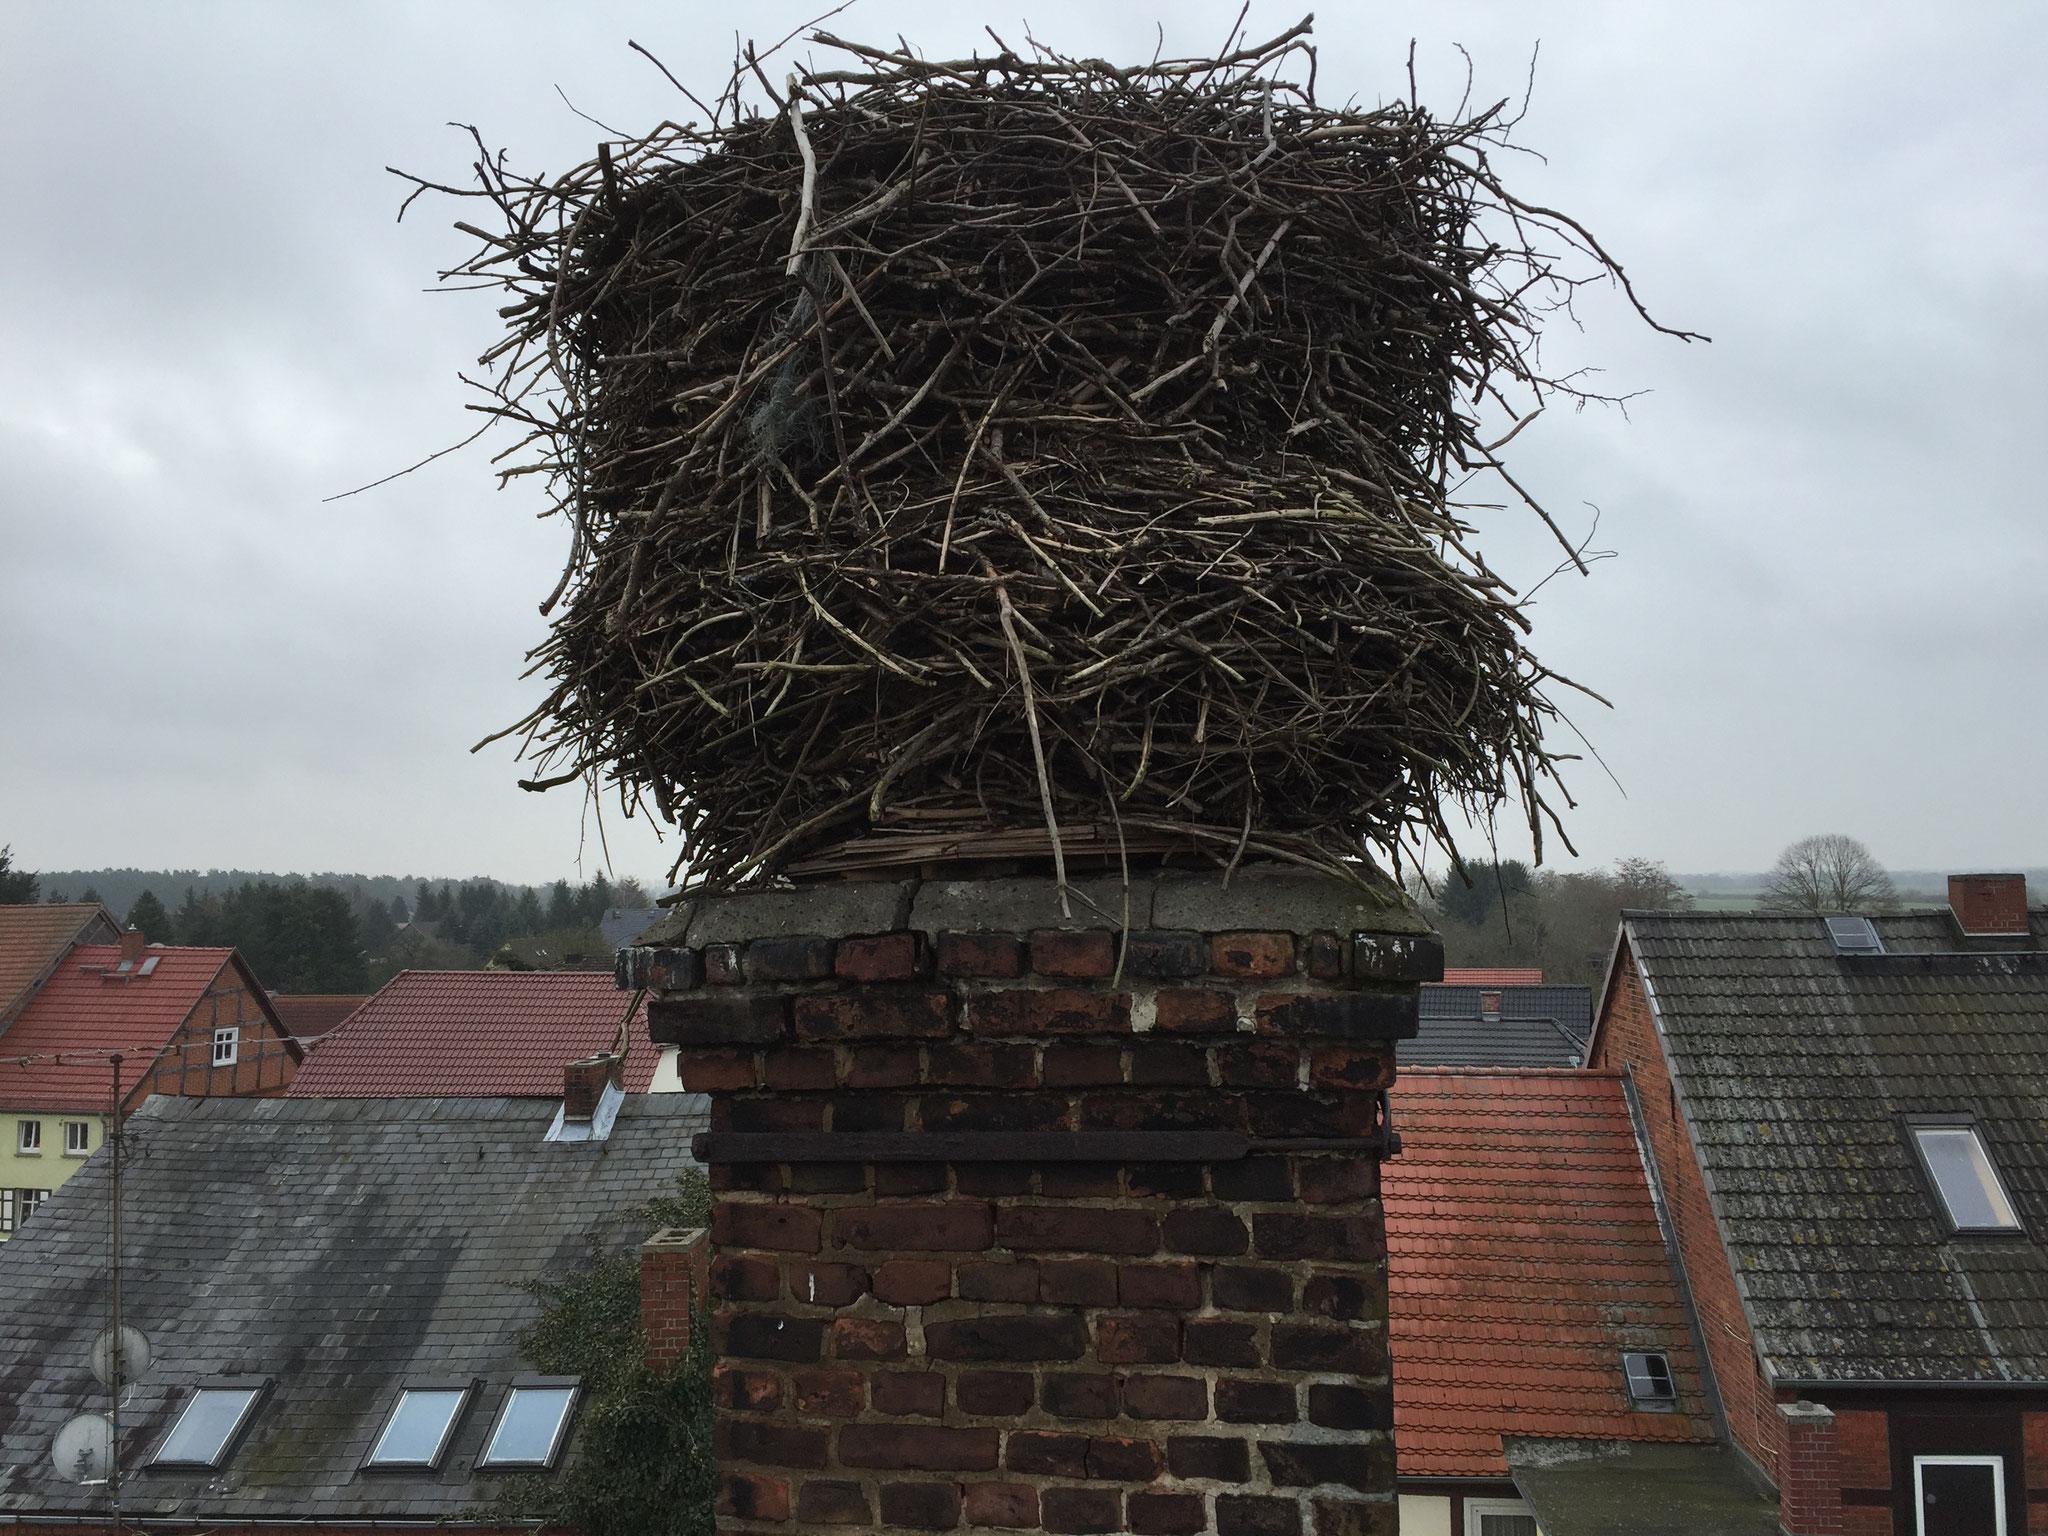 Bad Wilsnack: Über die Jahre ist dieses Nest recht hoch und etwas instabil geworden (VORHER).